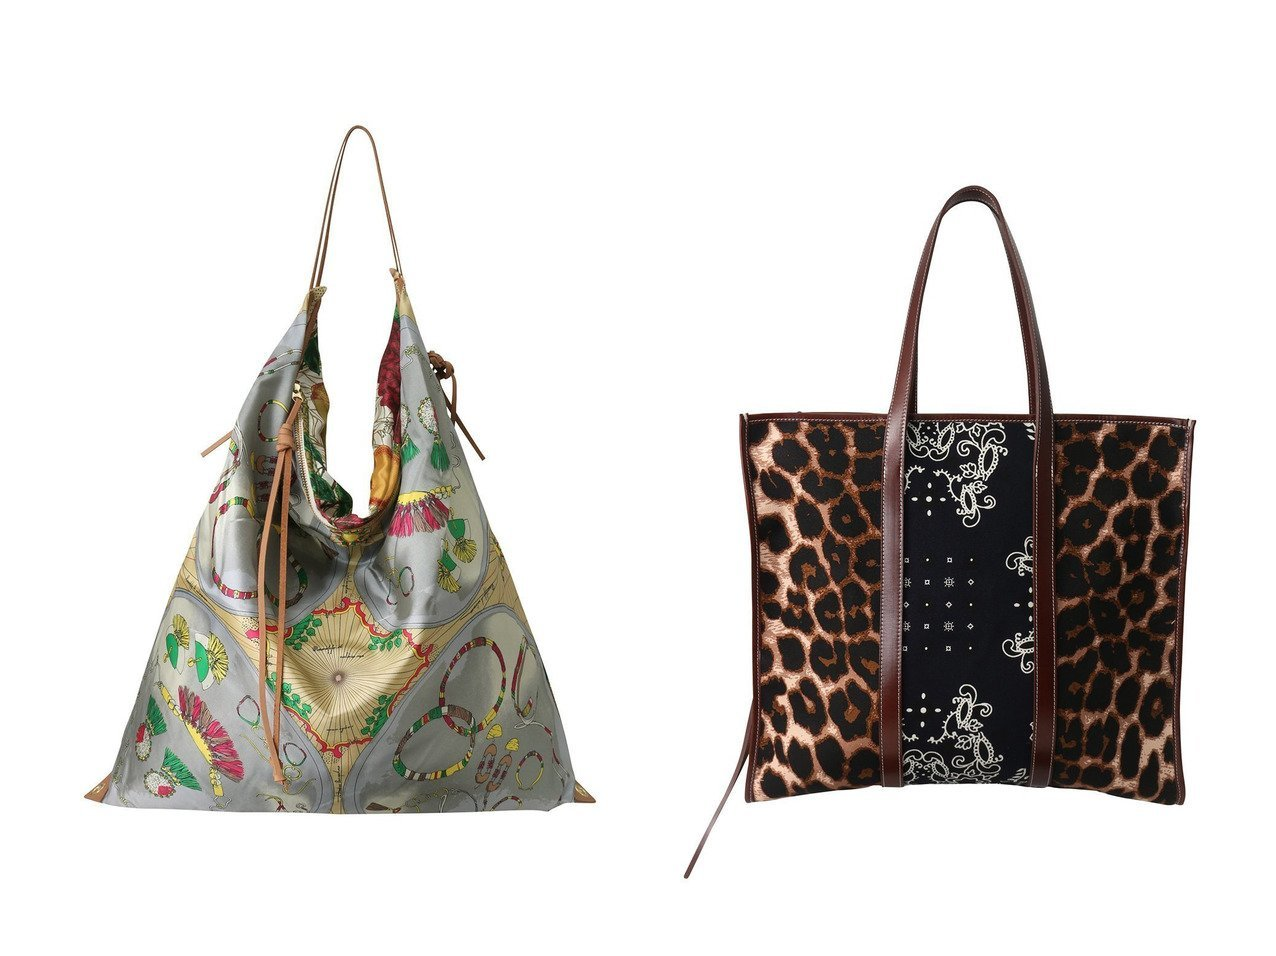 【manipuri/マニプリ】のスカーフパネルバッグ&キャンパスボックスバッグ L 【バッグ・鞄】おすすめ!人気、トレンド・レディースファッションの通販 おすすめで人気の流行・トレンド、ファッションの通販商品 インテリア・家具・メンズファッション・キッズファッション・レディースファッション・服の通販 founy(ファニー) https://founy.com/ ファッション Fashion レディースファッション WOMEN バッグ Bag A/W・秋冬 AW・Autumn/Winter・FW・Fall-Winter スカーフ プリント おすすめ Recommend アニマル キャンバス バンダナ ビッグ ボックス ミックス |ID:crp329100000069200